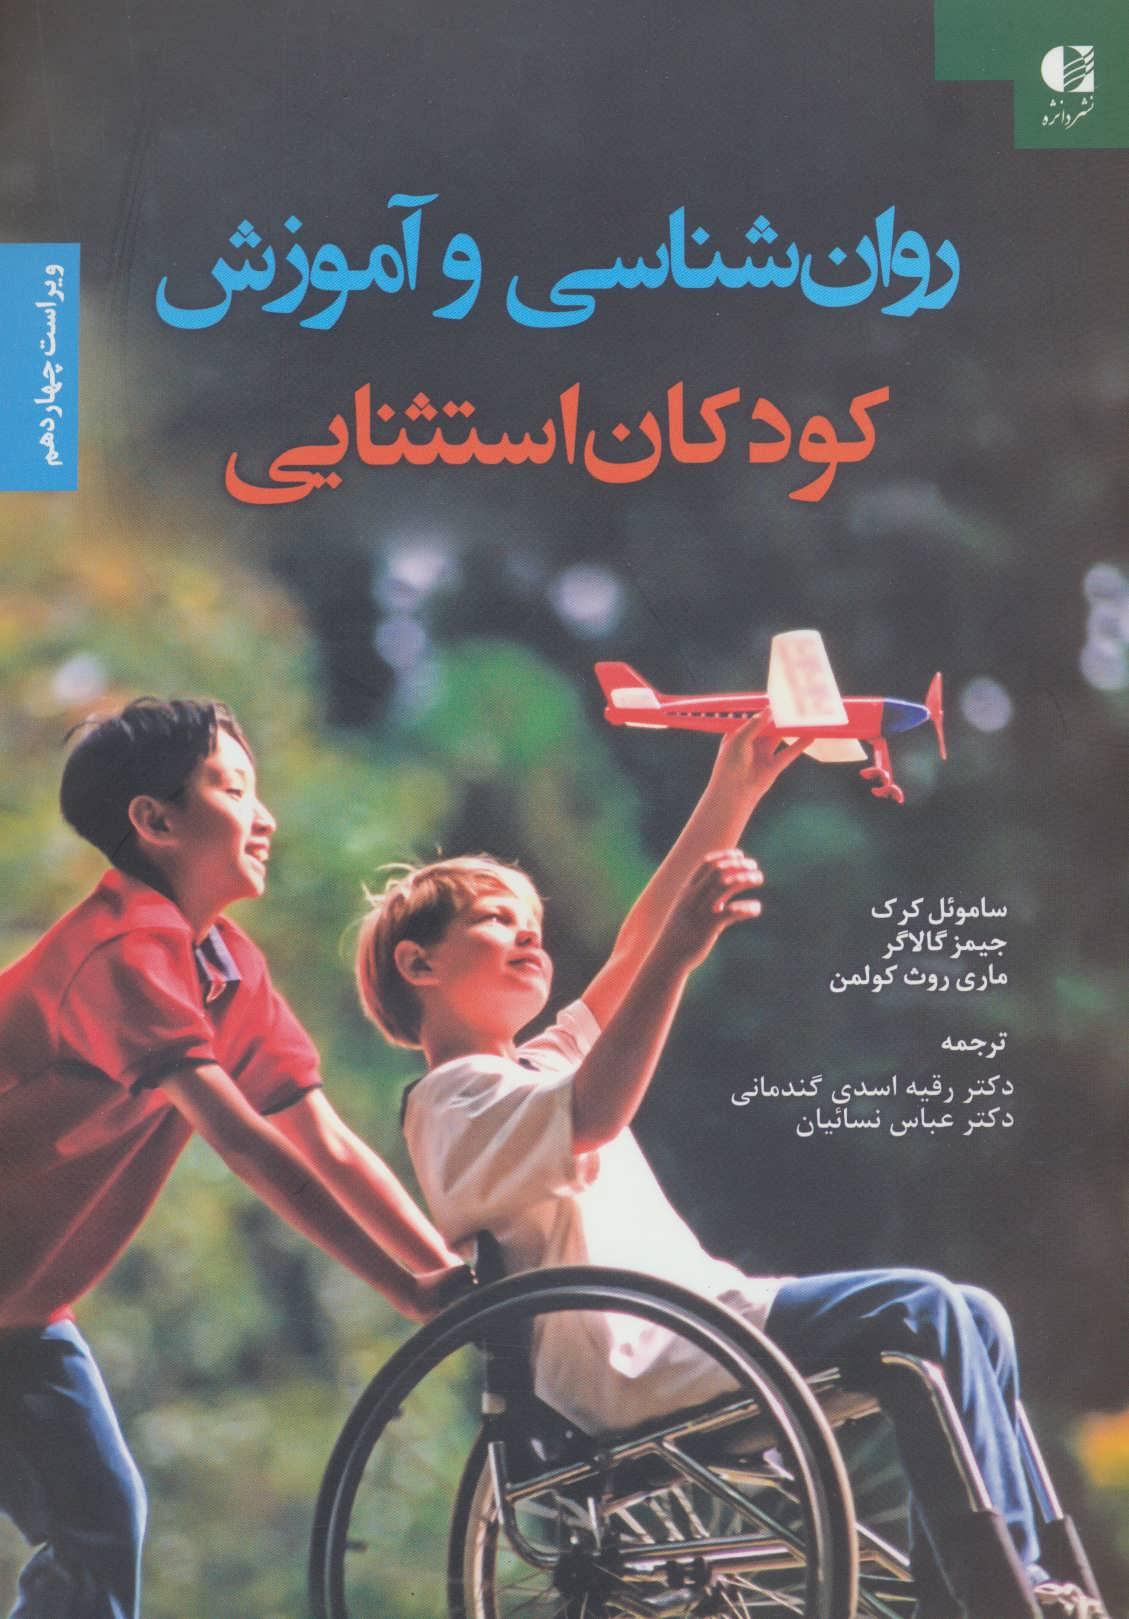 کتاب روانشناسی کودکان استثنایی